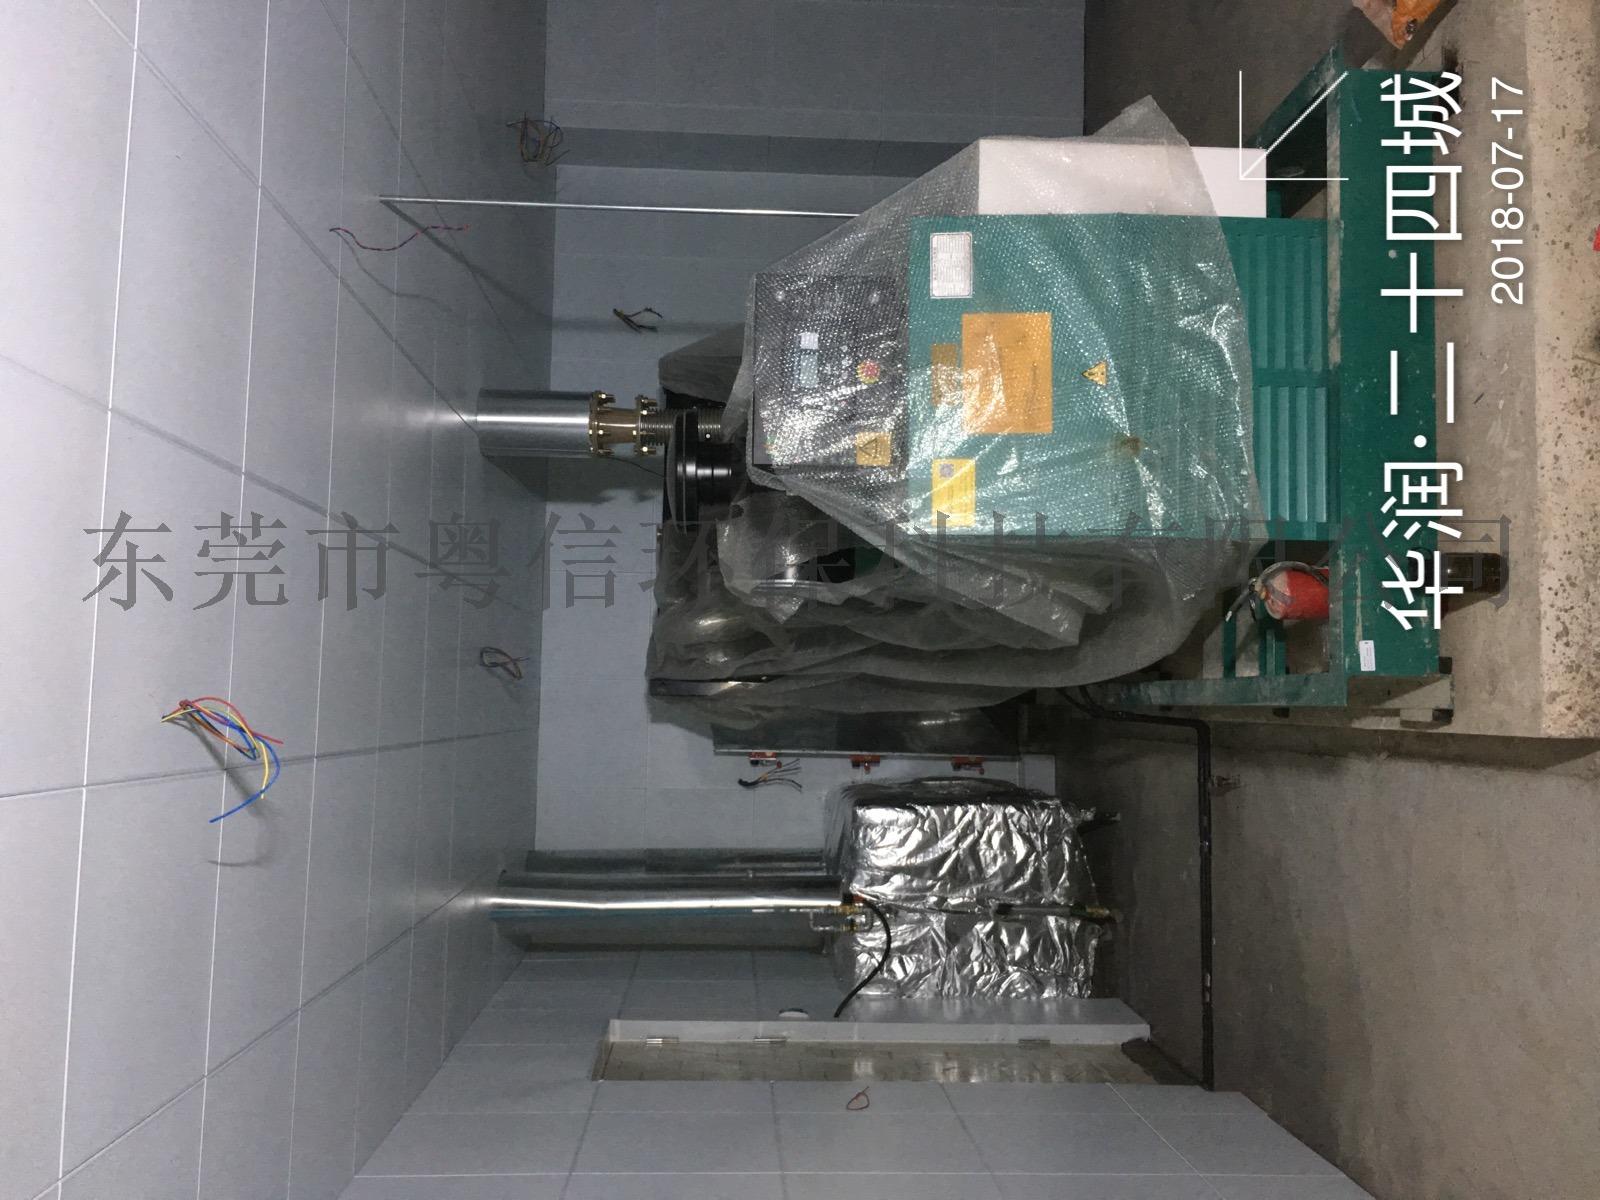 大功率发电机消音处理842785442